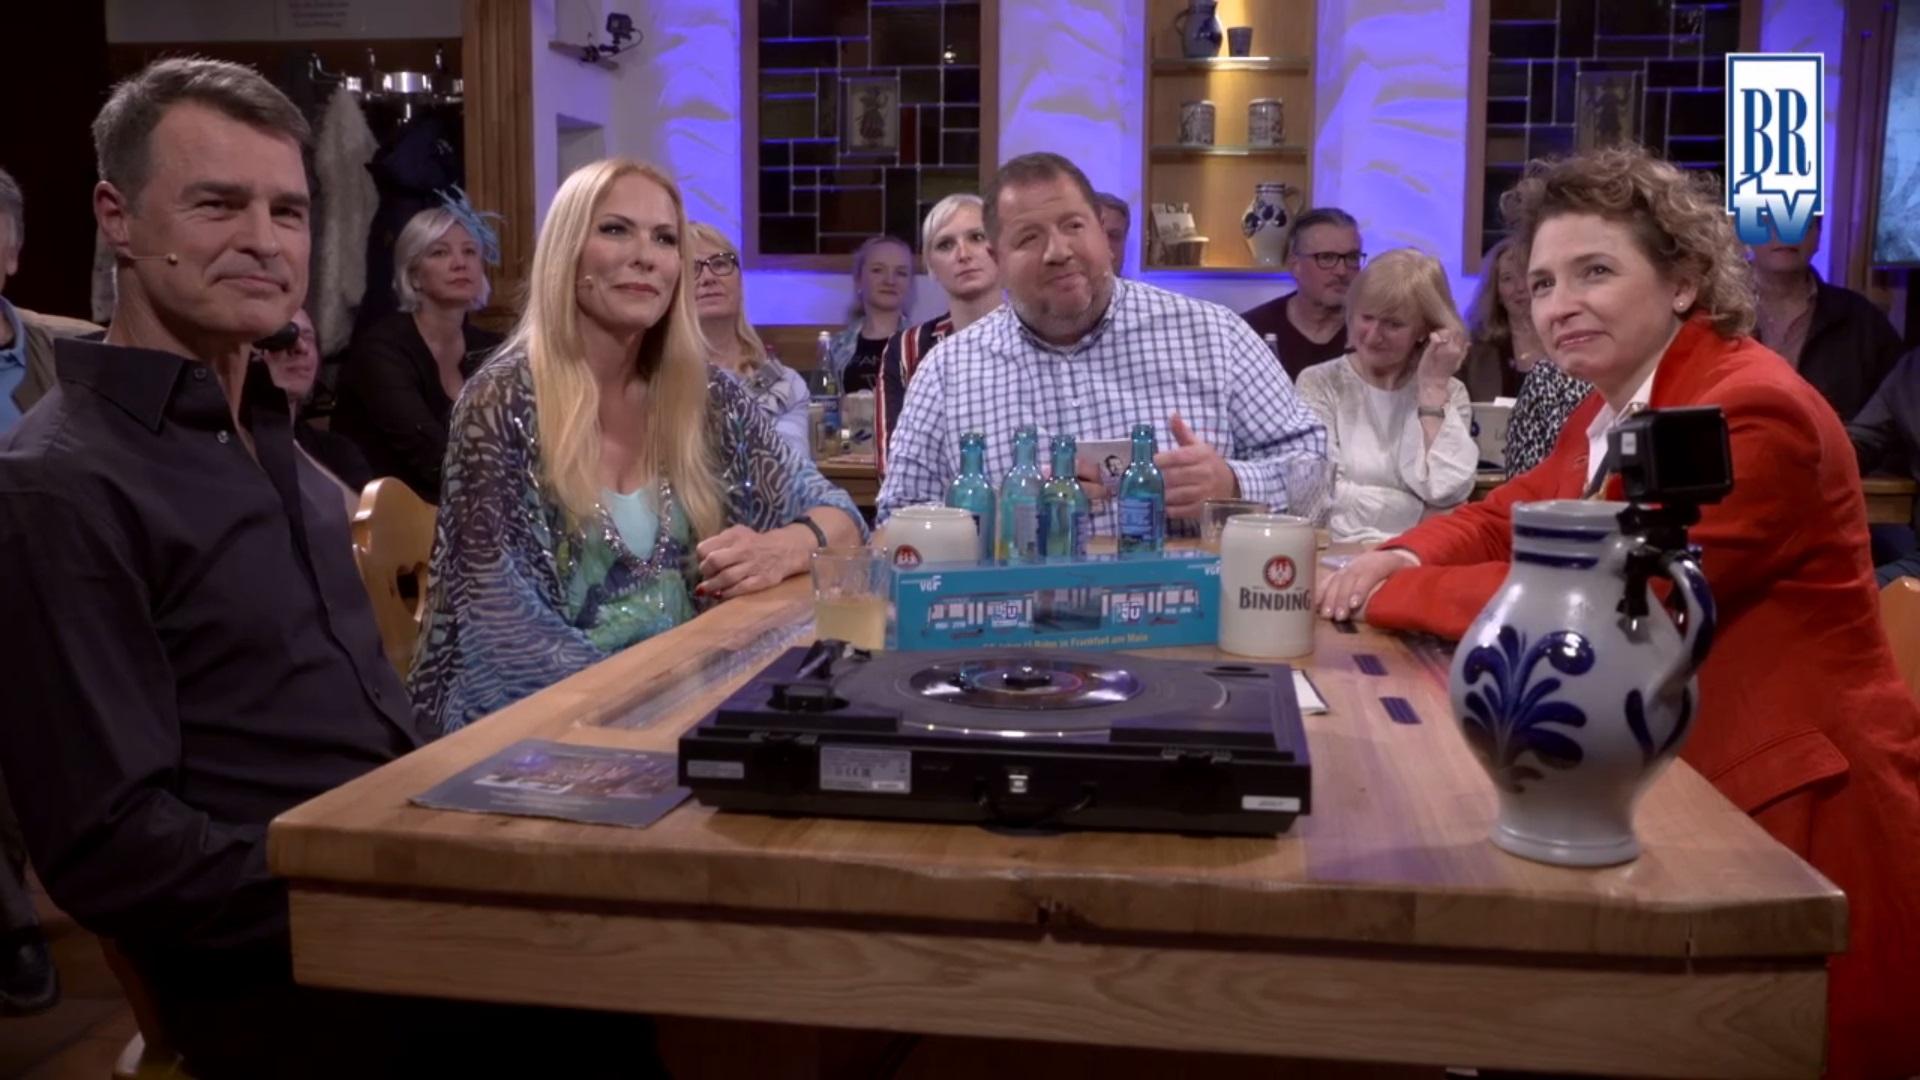 Bembel & Gebabbel – Folge 43 mit Sonya Kraus, Thomas Berthold & Nicola Beerb